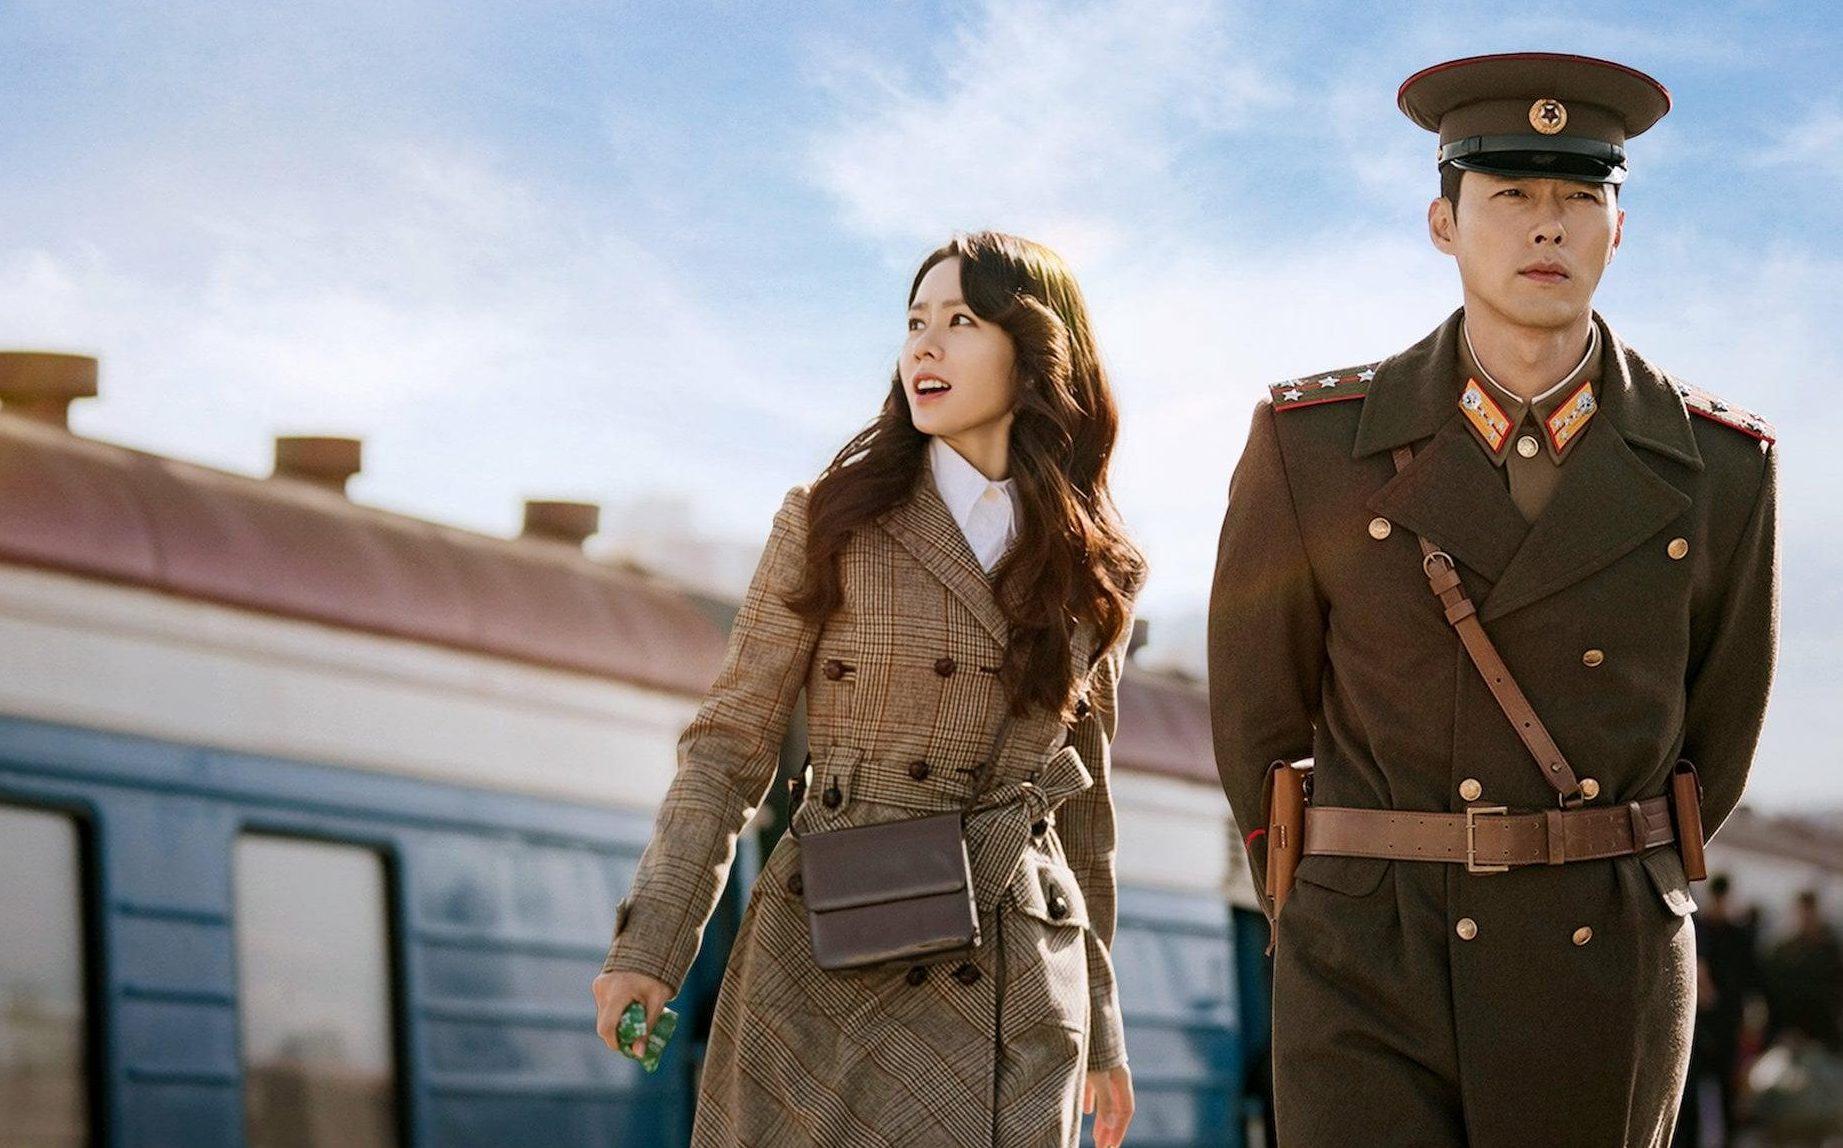 Hạ cánh nơi anh - Phim tình cảm Hàn Quốc hay nhất 2020